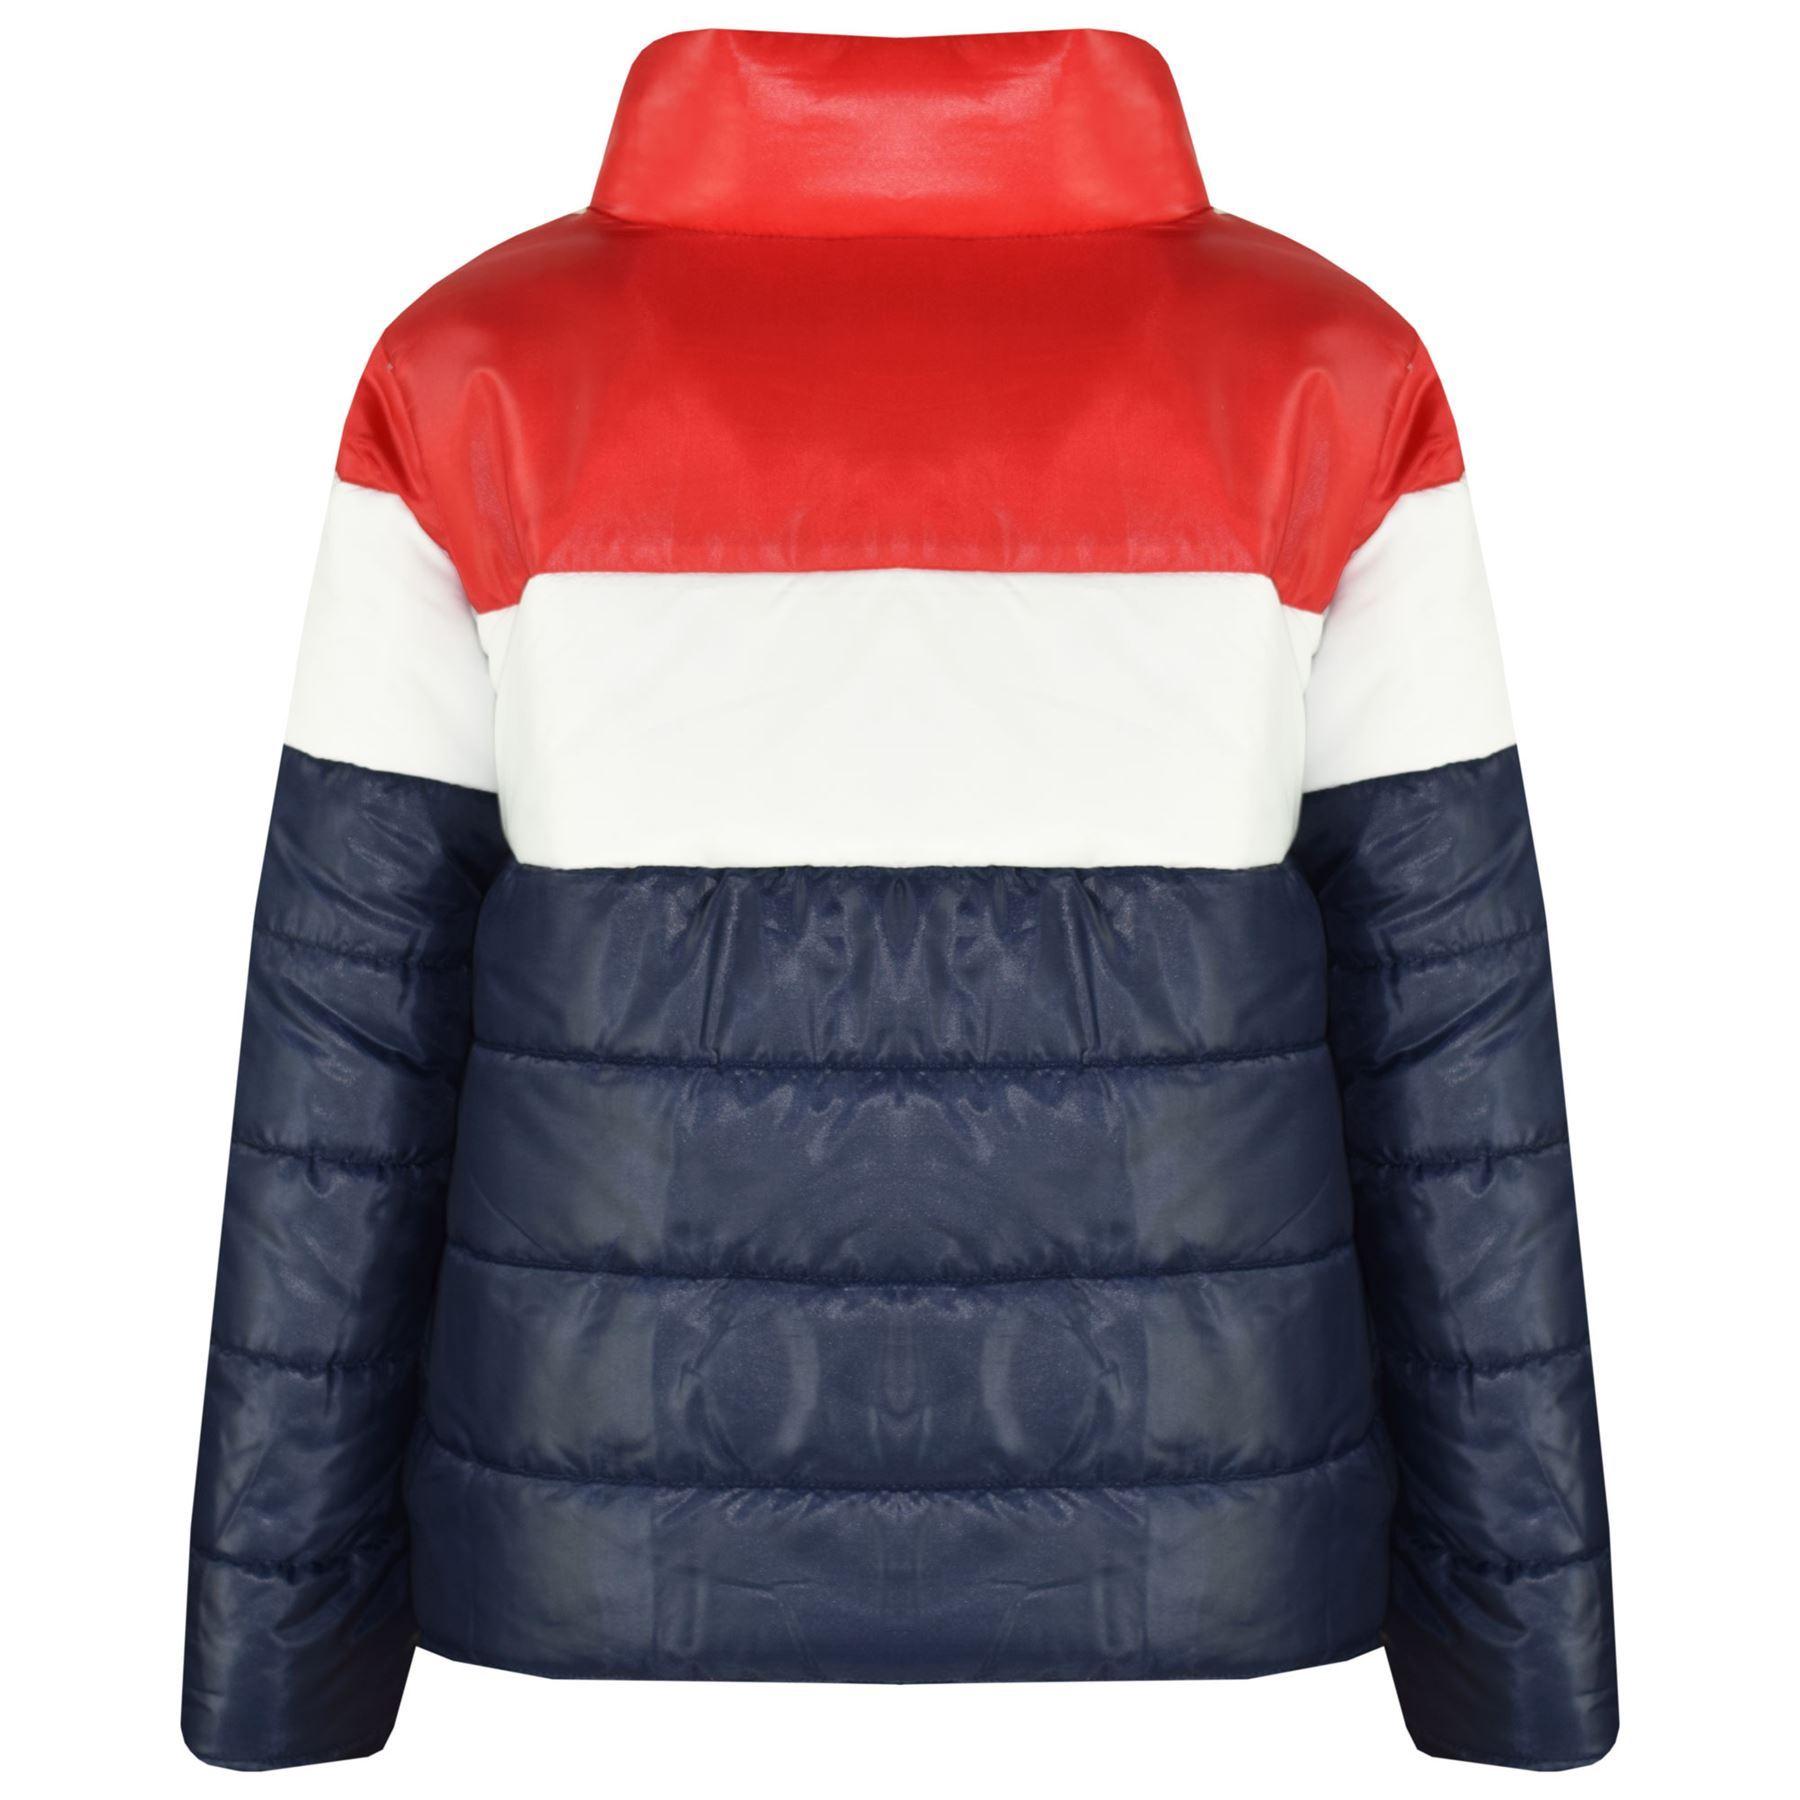 fbc679d0e Kids Girls Boys Designer Contrast Panel Hooded Jackets Padded ...